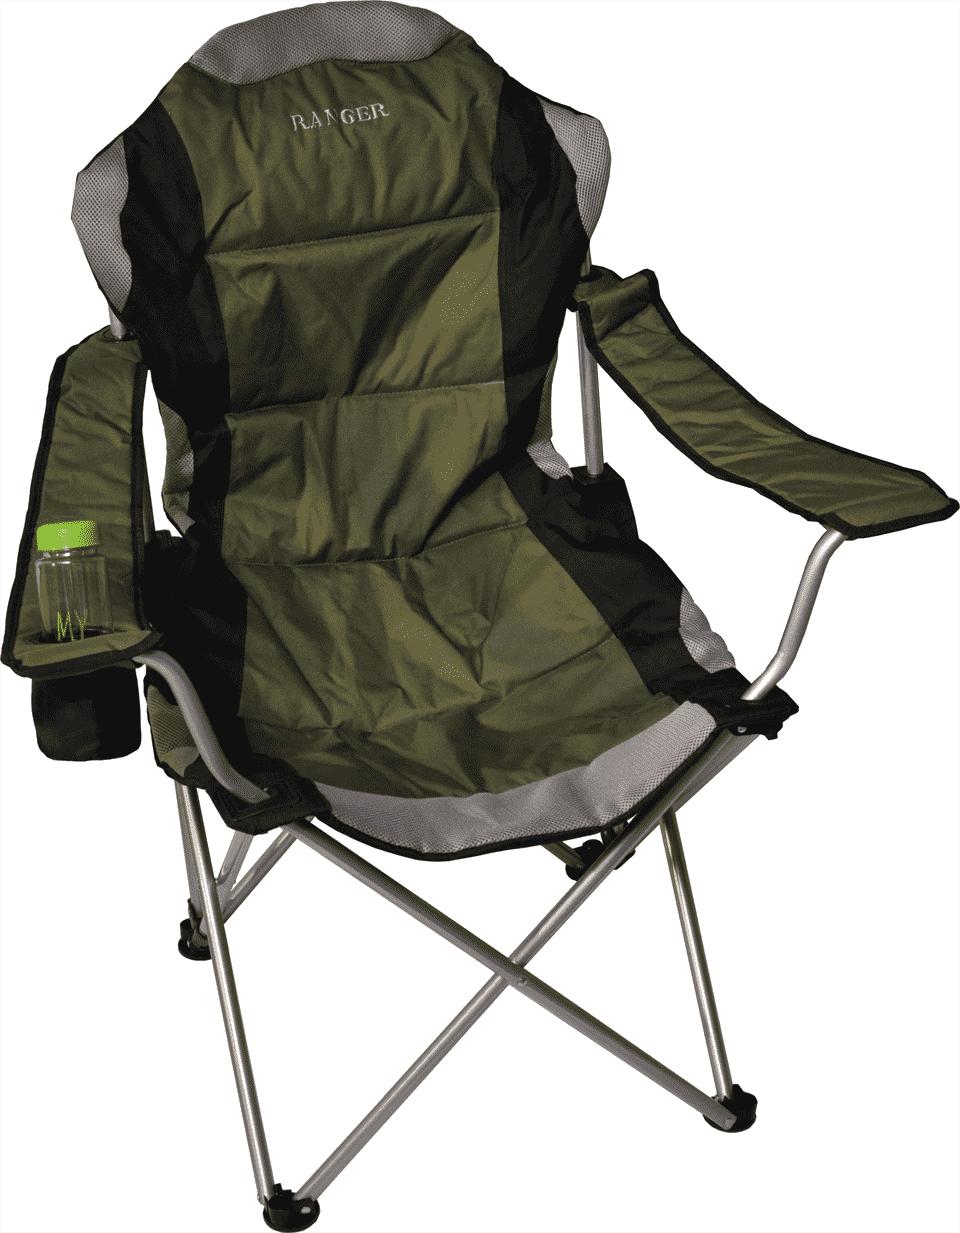 Кресло складное Ranger FC 750-052 Green RA 2221 с подстаканником, зеленый